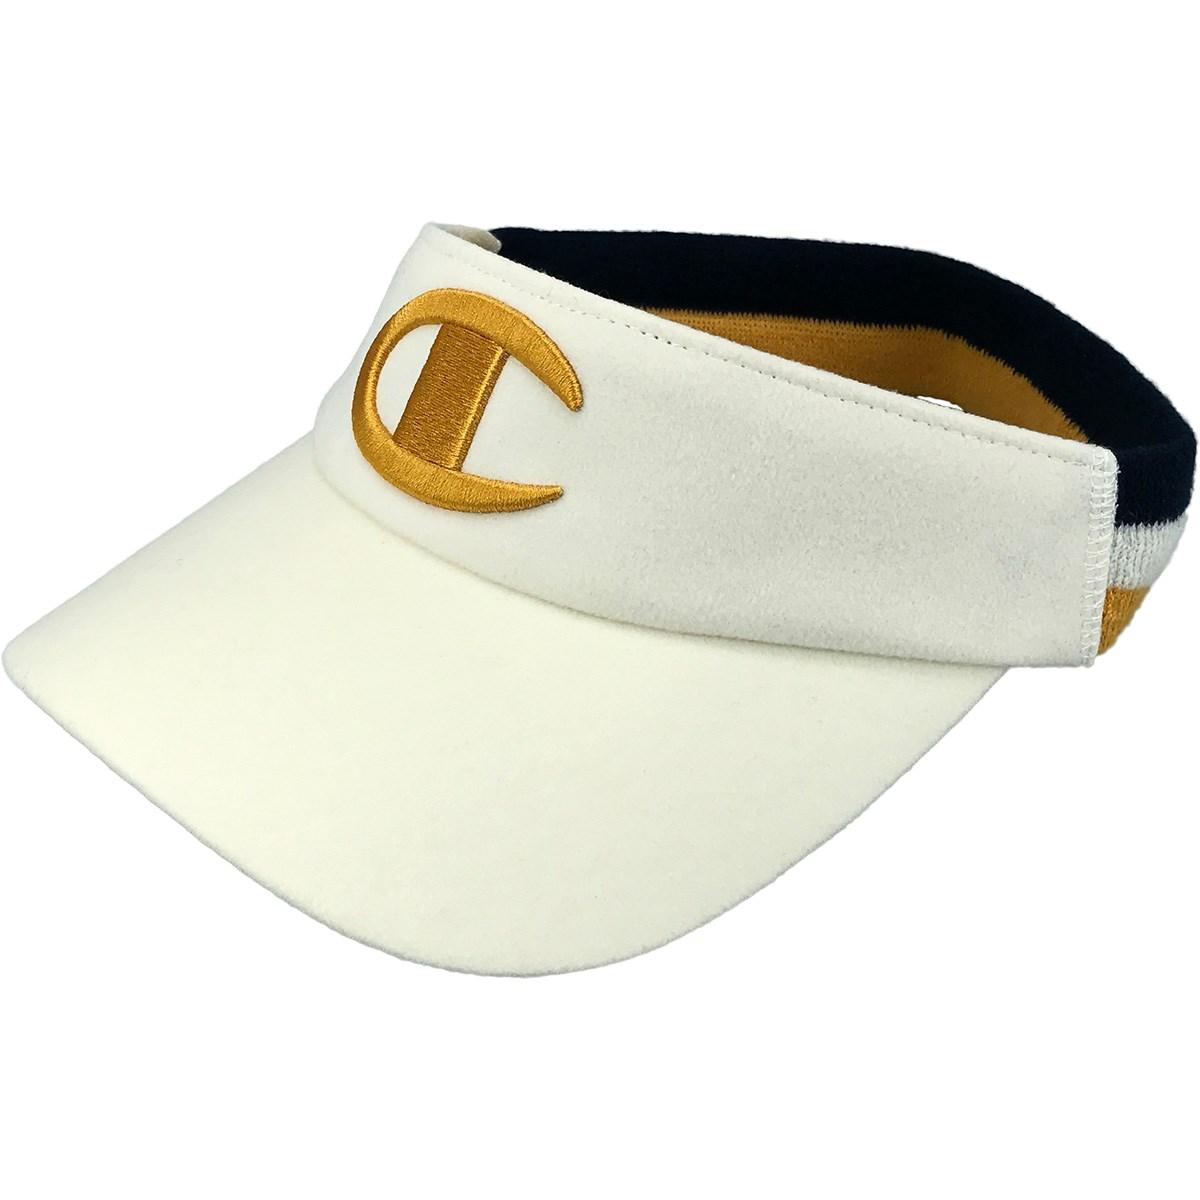 チャンピオンゴルフ Champion GOLF ヘッドバンドタイプ サンバイザー フリー オフホワイト 020 レディス